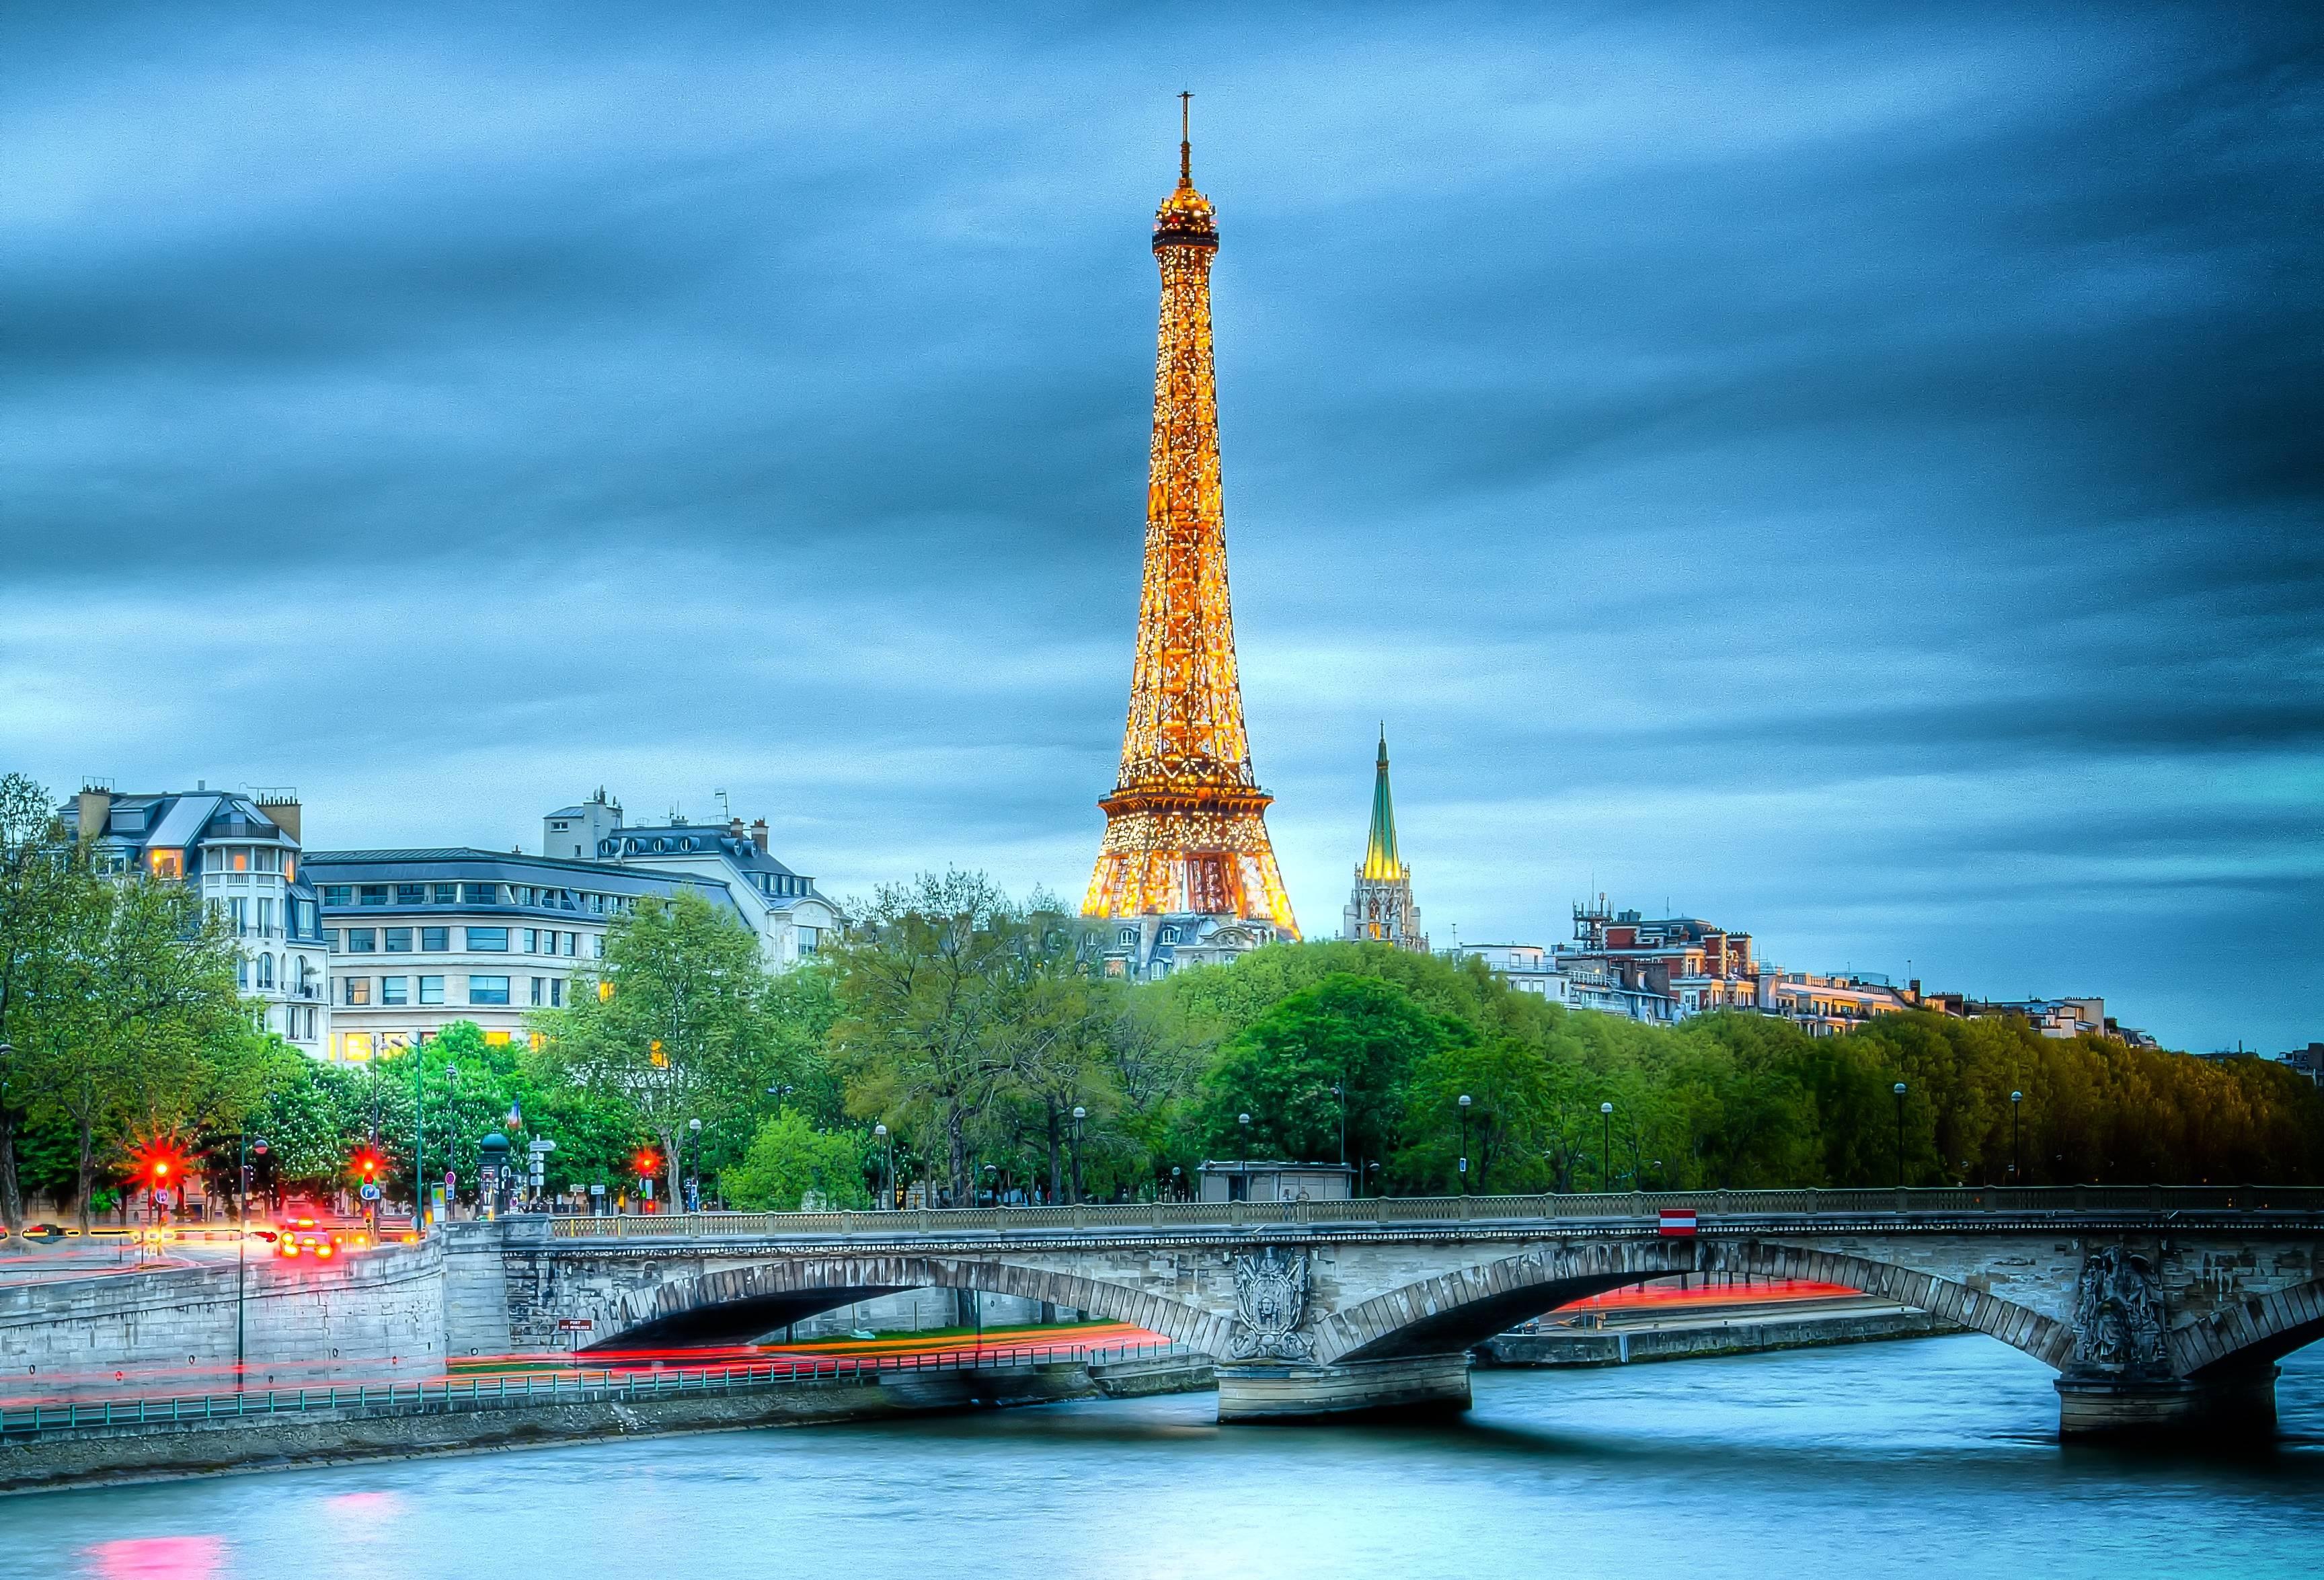 париж 3 д обои